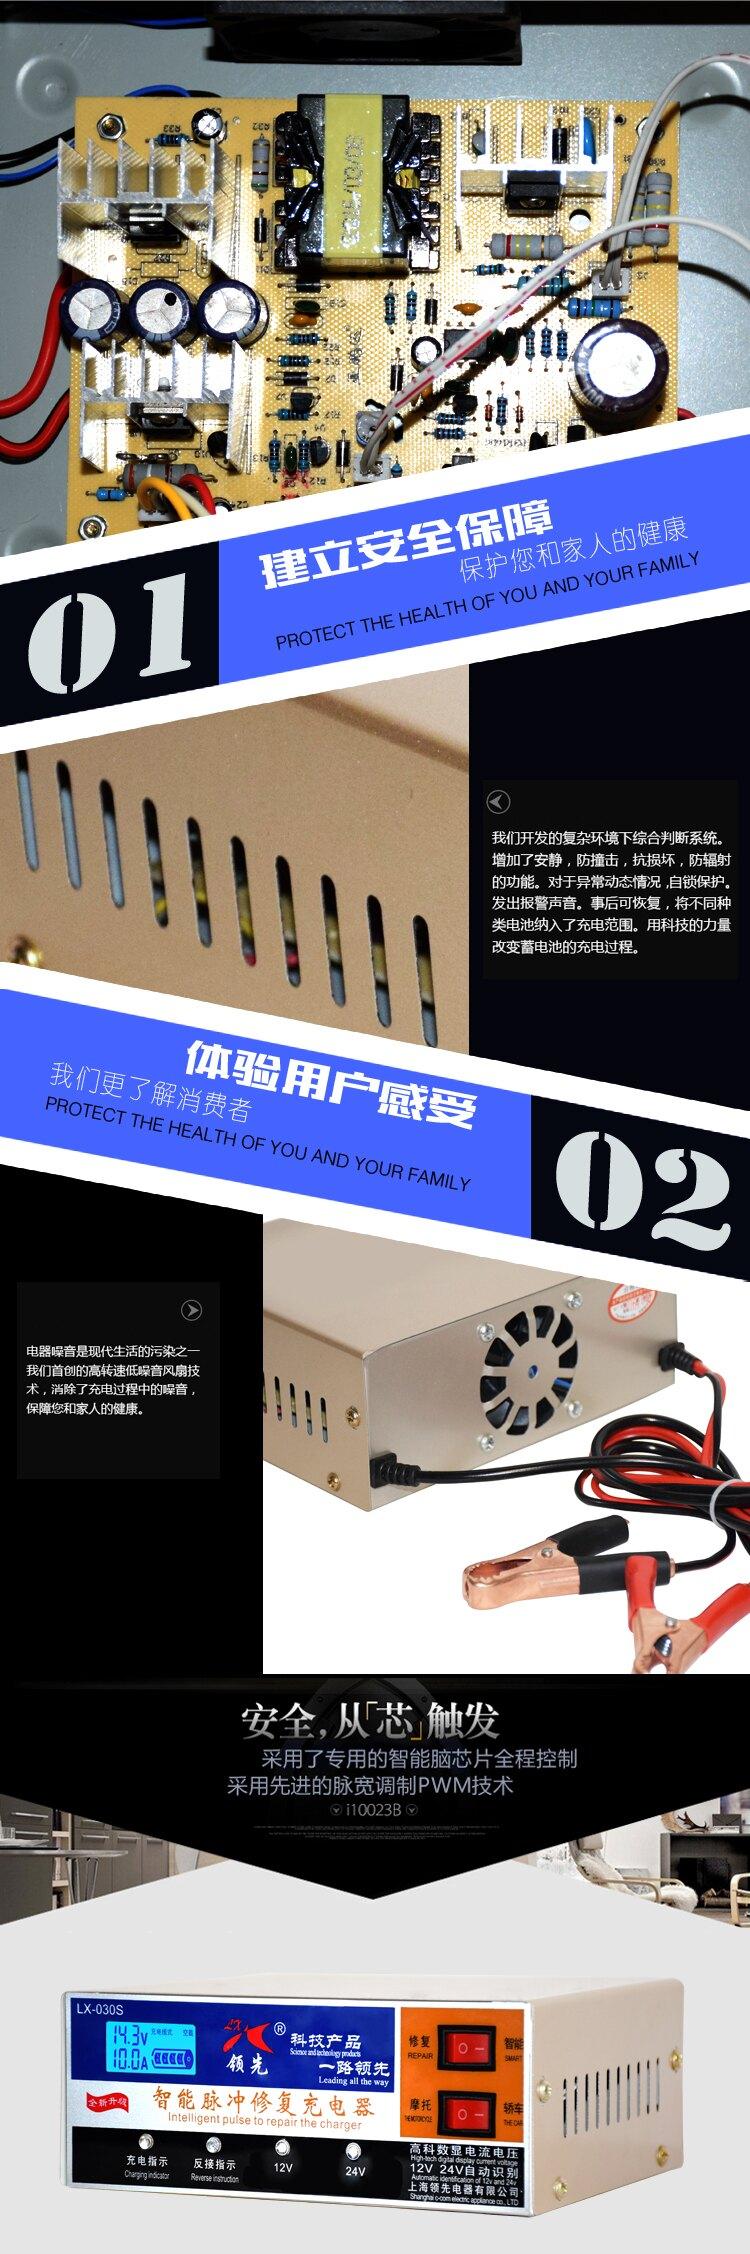 充電機 汽車電瓶充電器充電機12v24v全智慧純銅蓄電池充電器電機自動修復